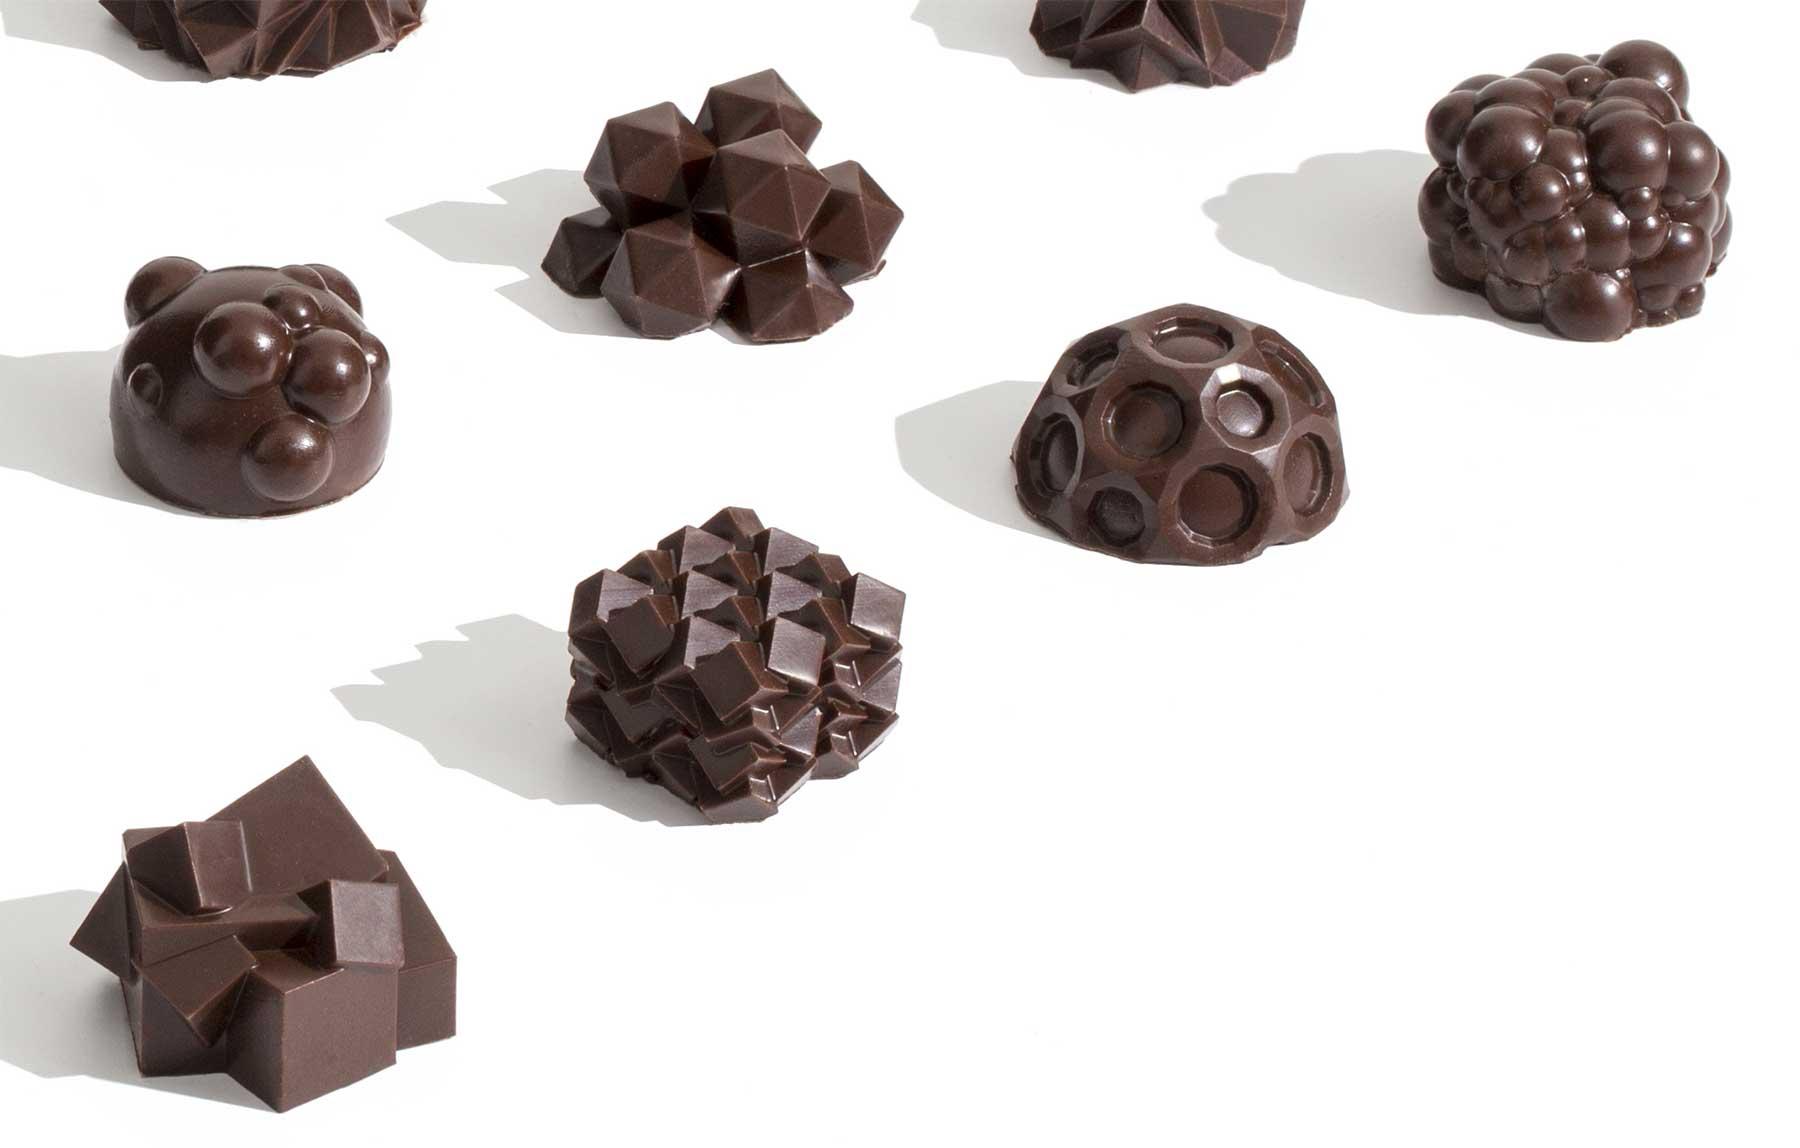 3D-gedruckte Schokoladen-Miniaturskulpturen 3d-gedruckte-schokolade-Ryan-L-Foote_07